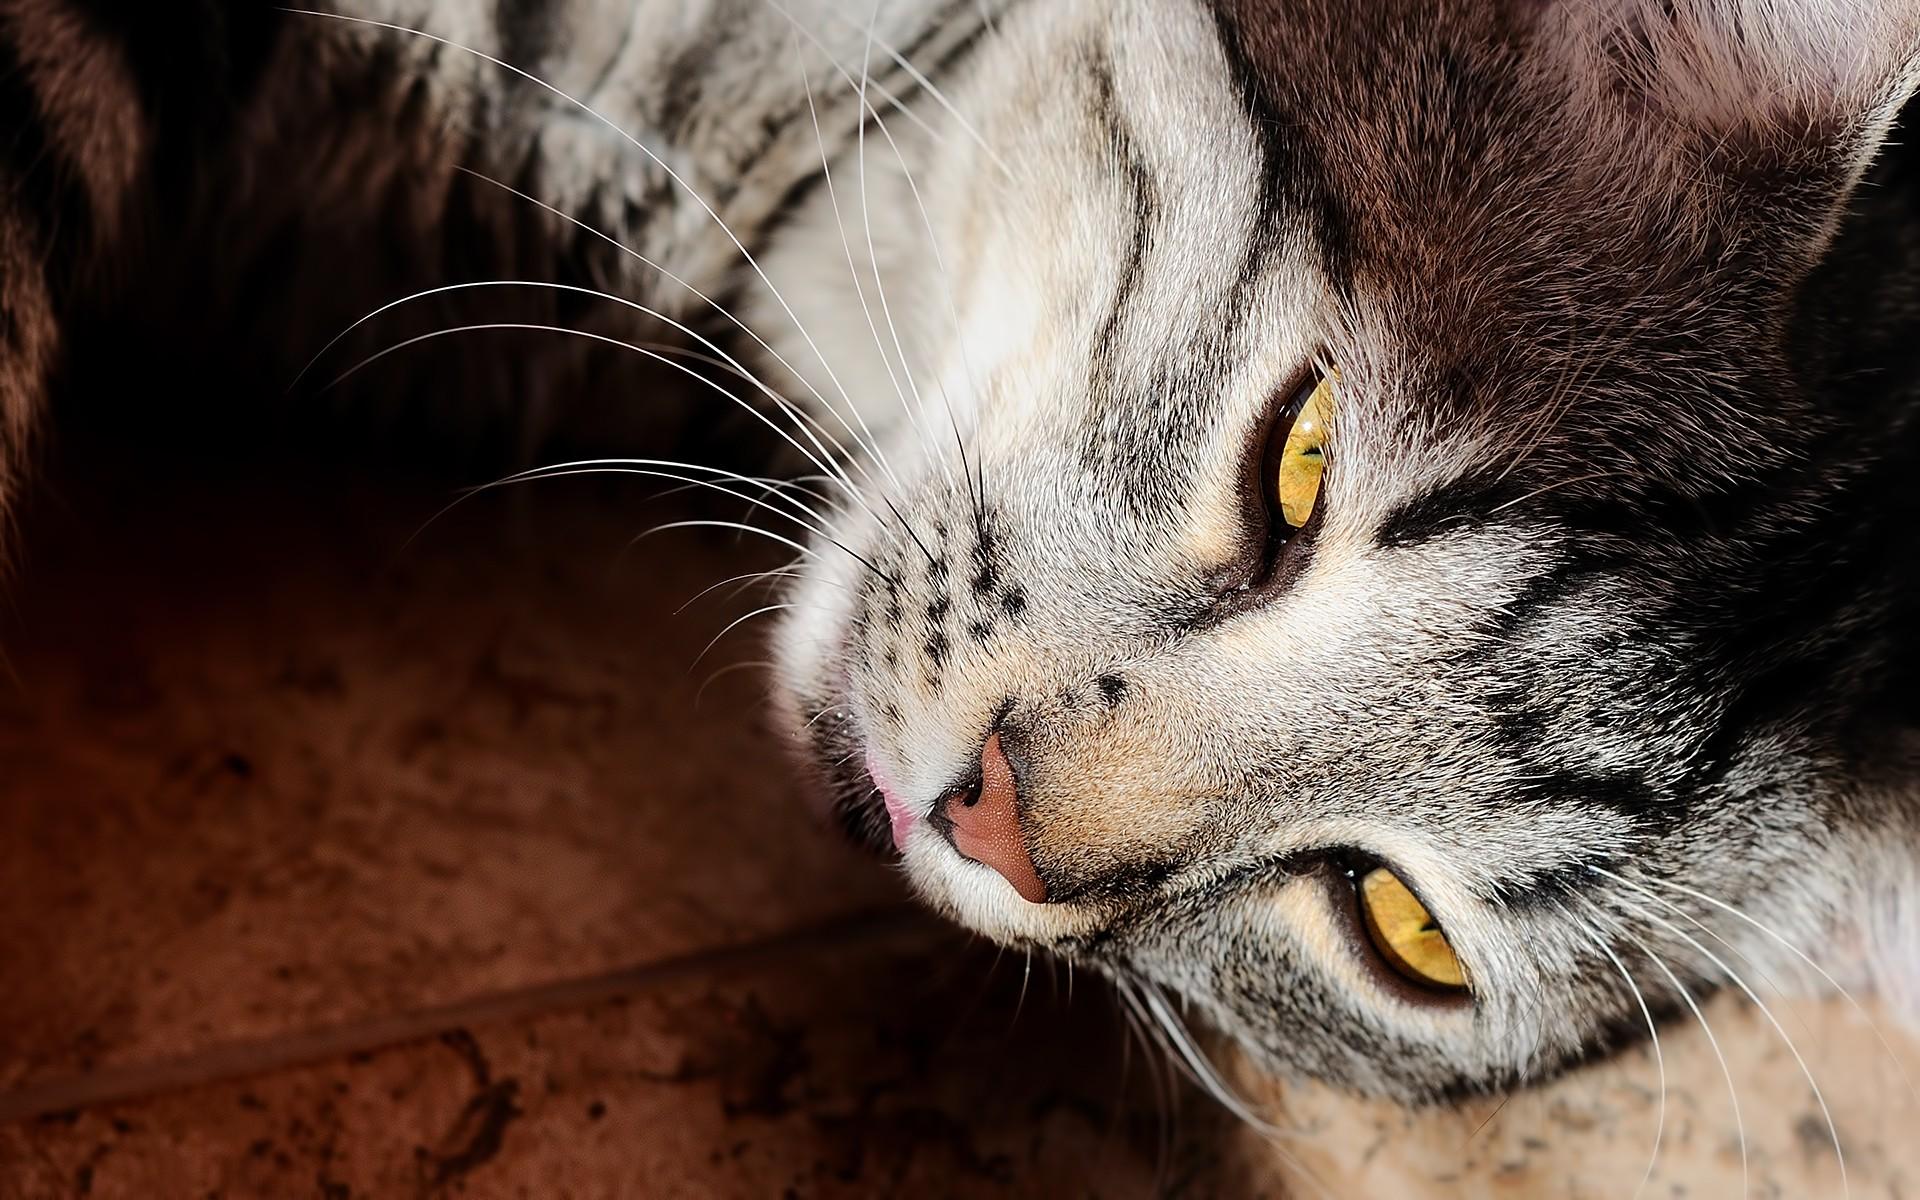 La mirada de un gato - 1920x1200